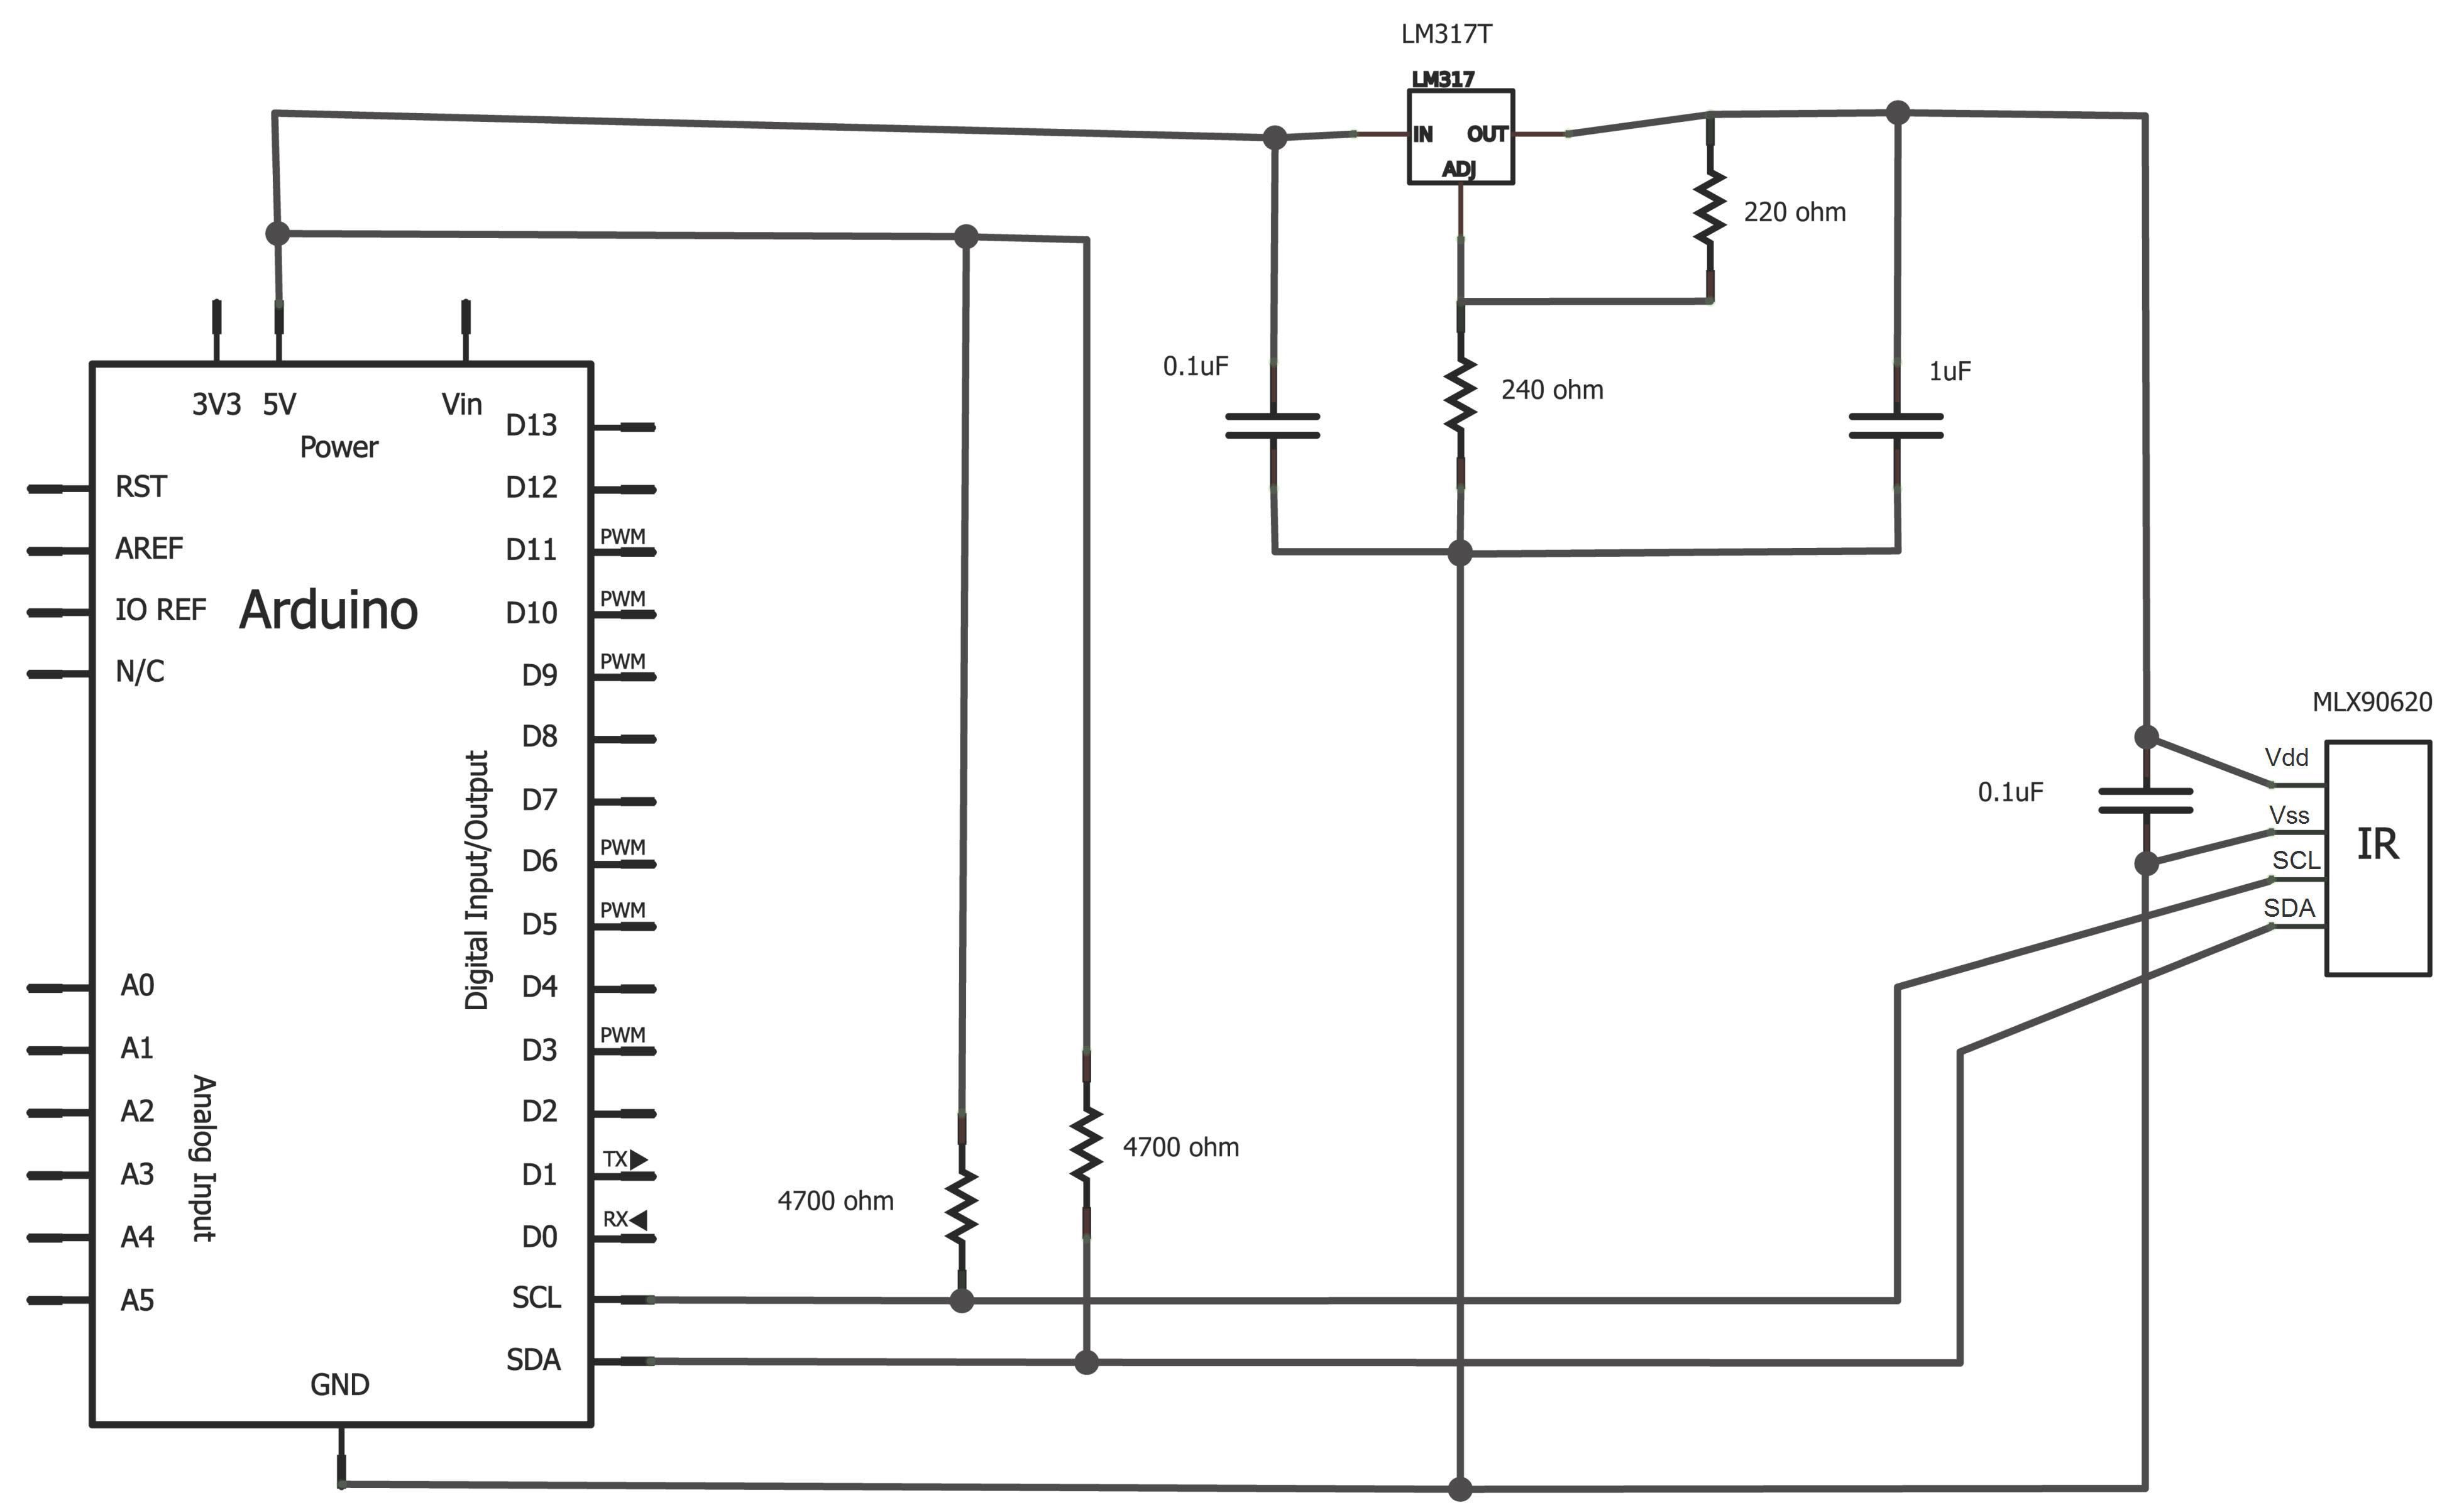 Kinect Sensor Wiring Diagram Gm Wiring Amp Meter Lionel Train – Kinect Sensor Wiring Diagram